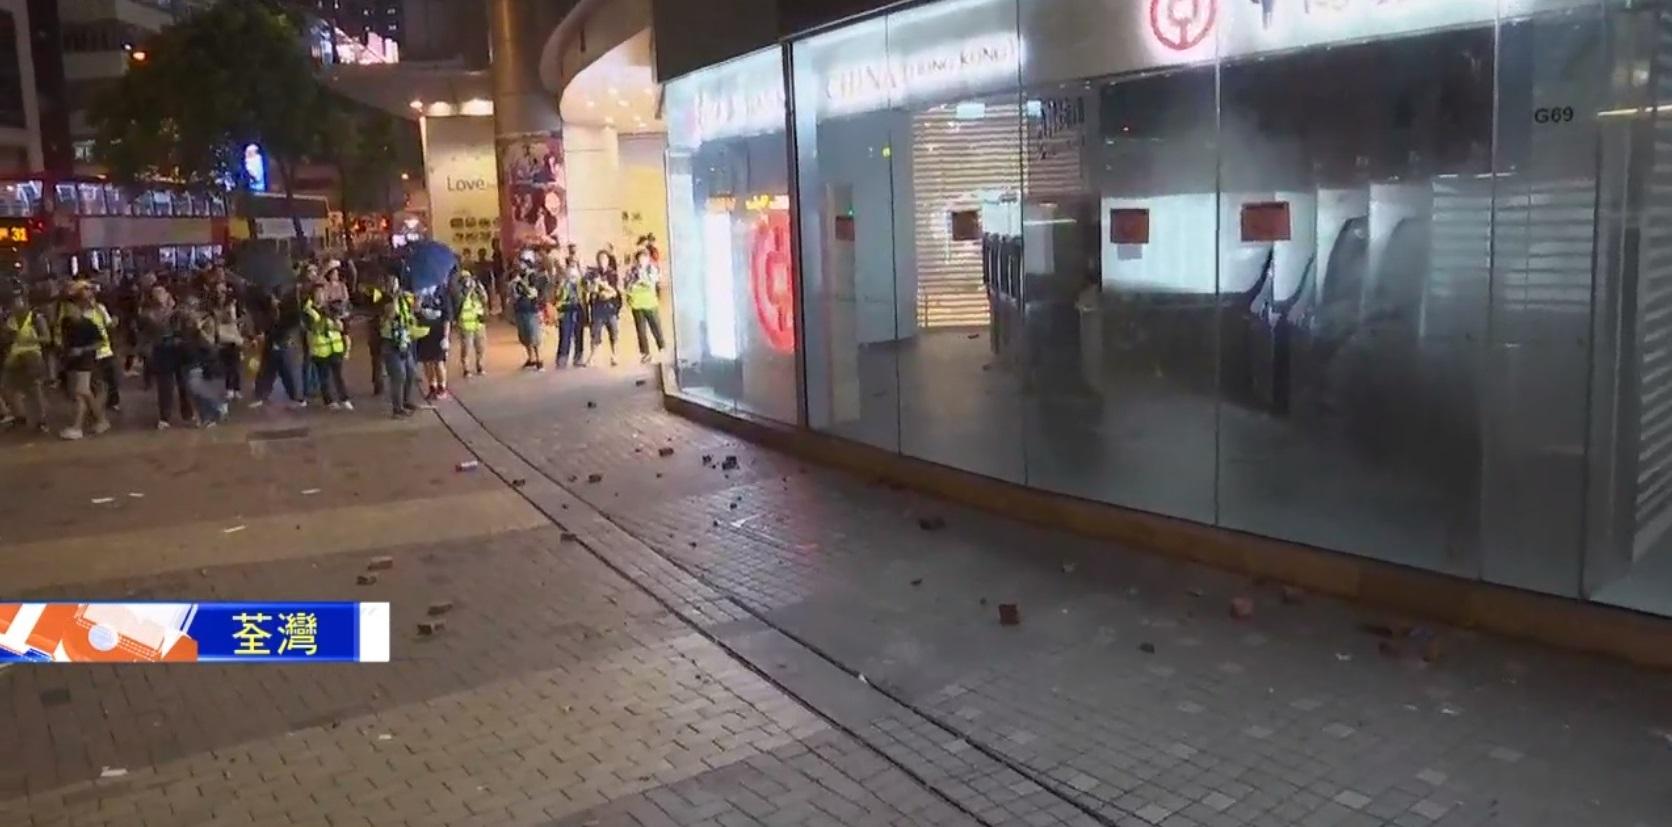 示威者破壞銀行設施。NOW新聞截圖